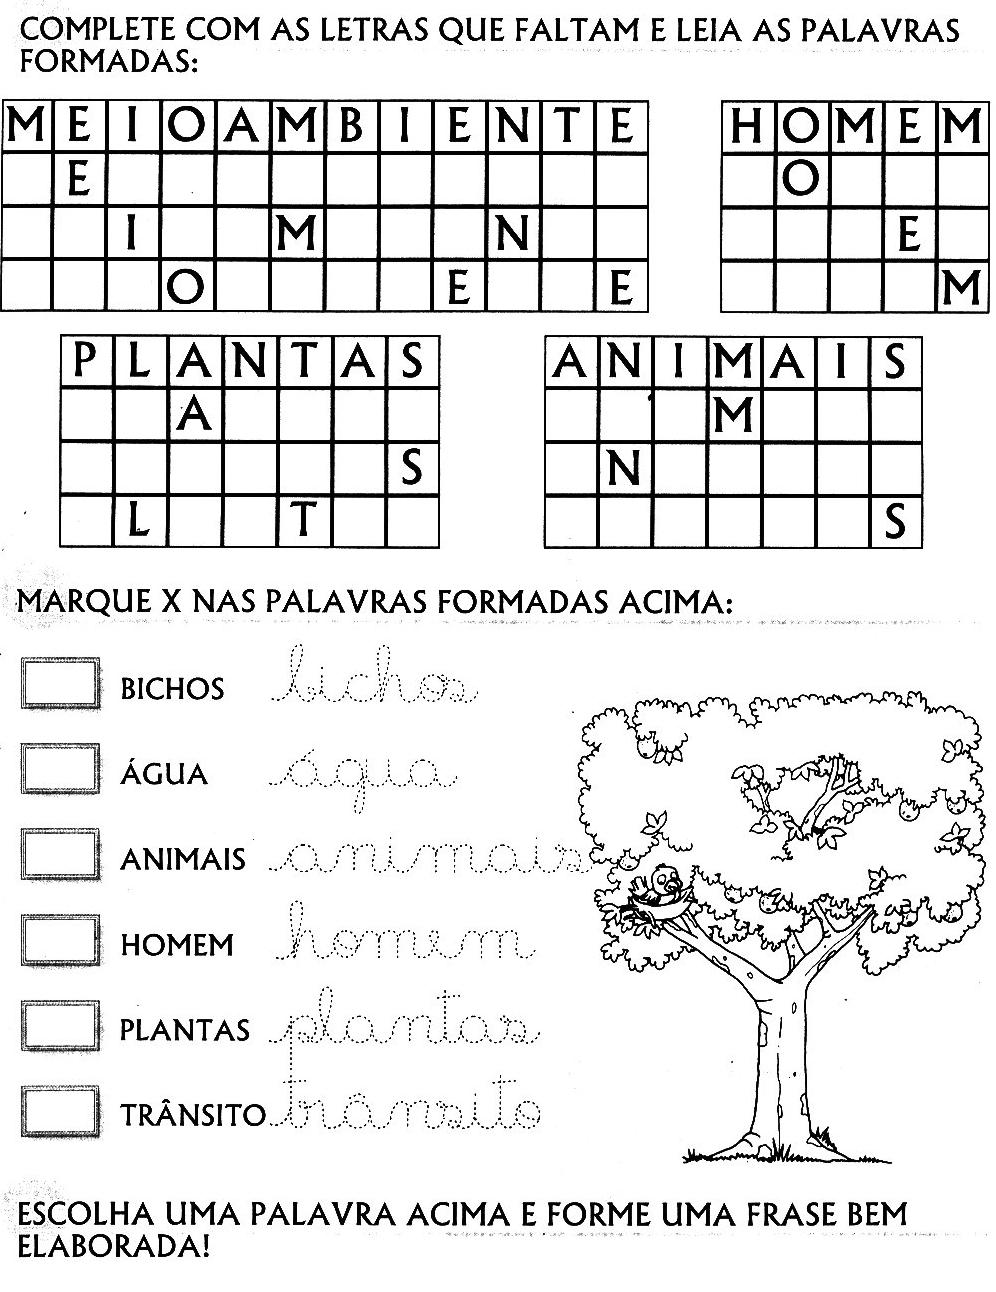 95 Atividades Educacao Infantil Meio Ambiente Ecologia Seres Vivos